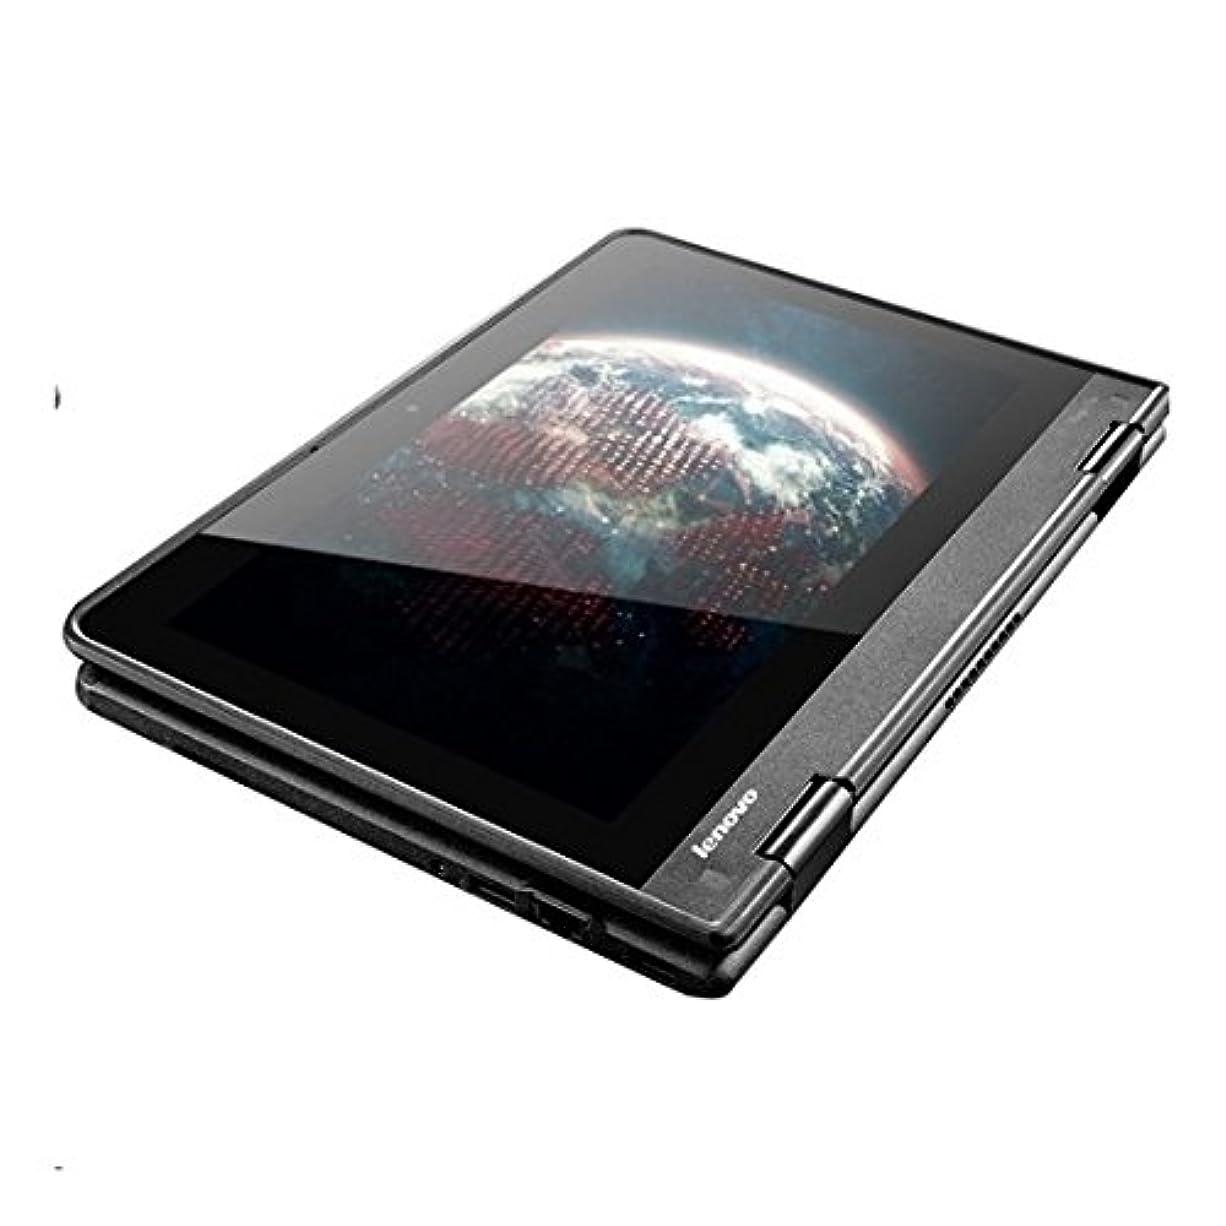 ジュース発行ボートLenovo ThinkPad Yoga 11e Chromebook 20GE - Flip design - Celeron N3160 / 1.6 GHz - Chrome OS - 4 GB RAM - 16 GB eMMC - 11.6